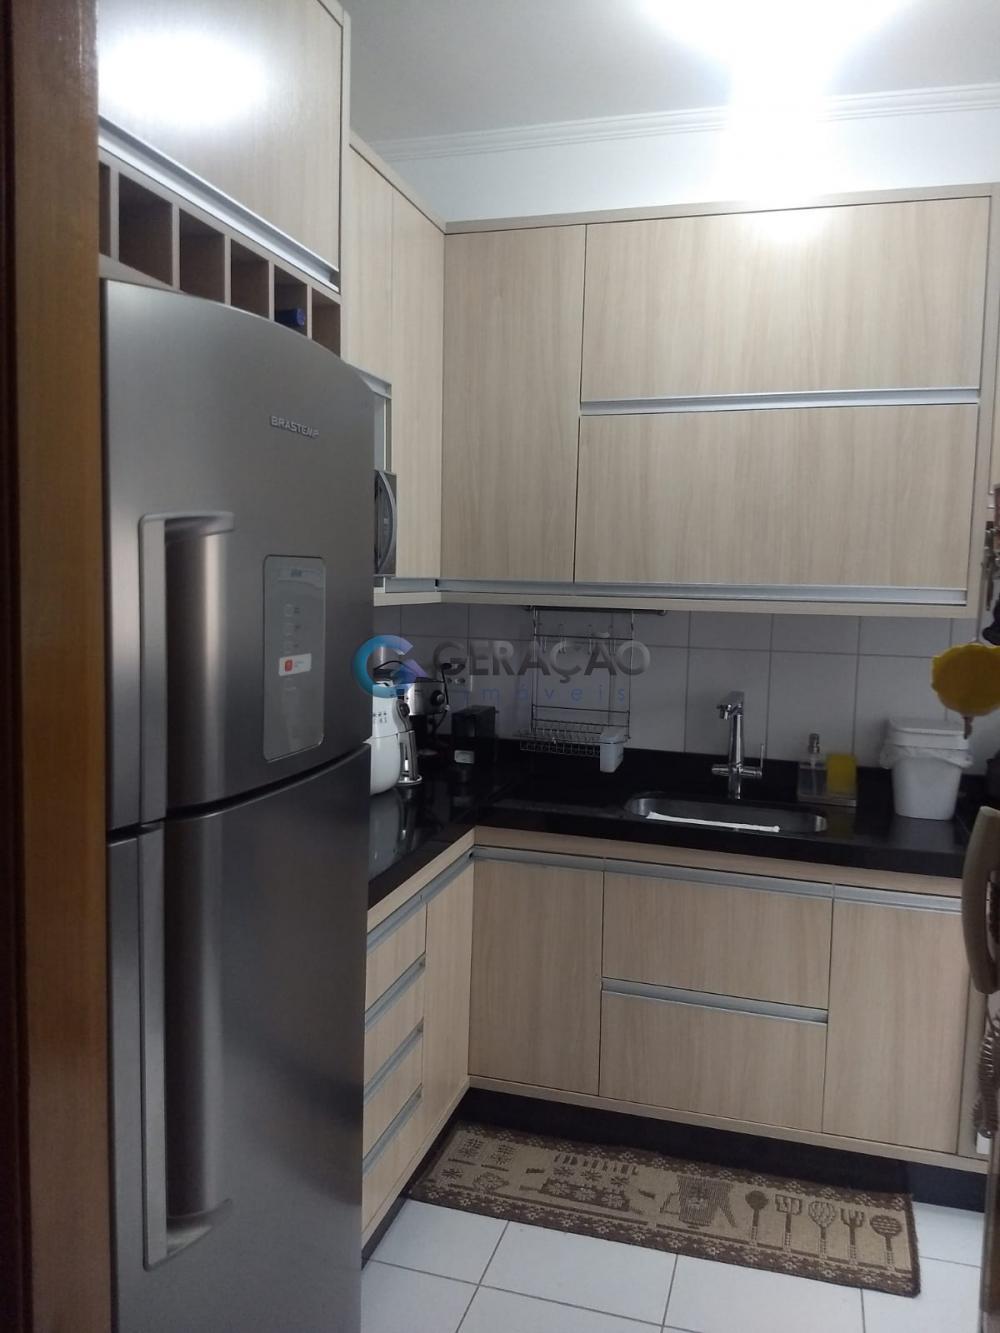 Comprar Apartamento / Padrão em São José dos Campos R$ 290.000,00 - Foto 6